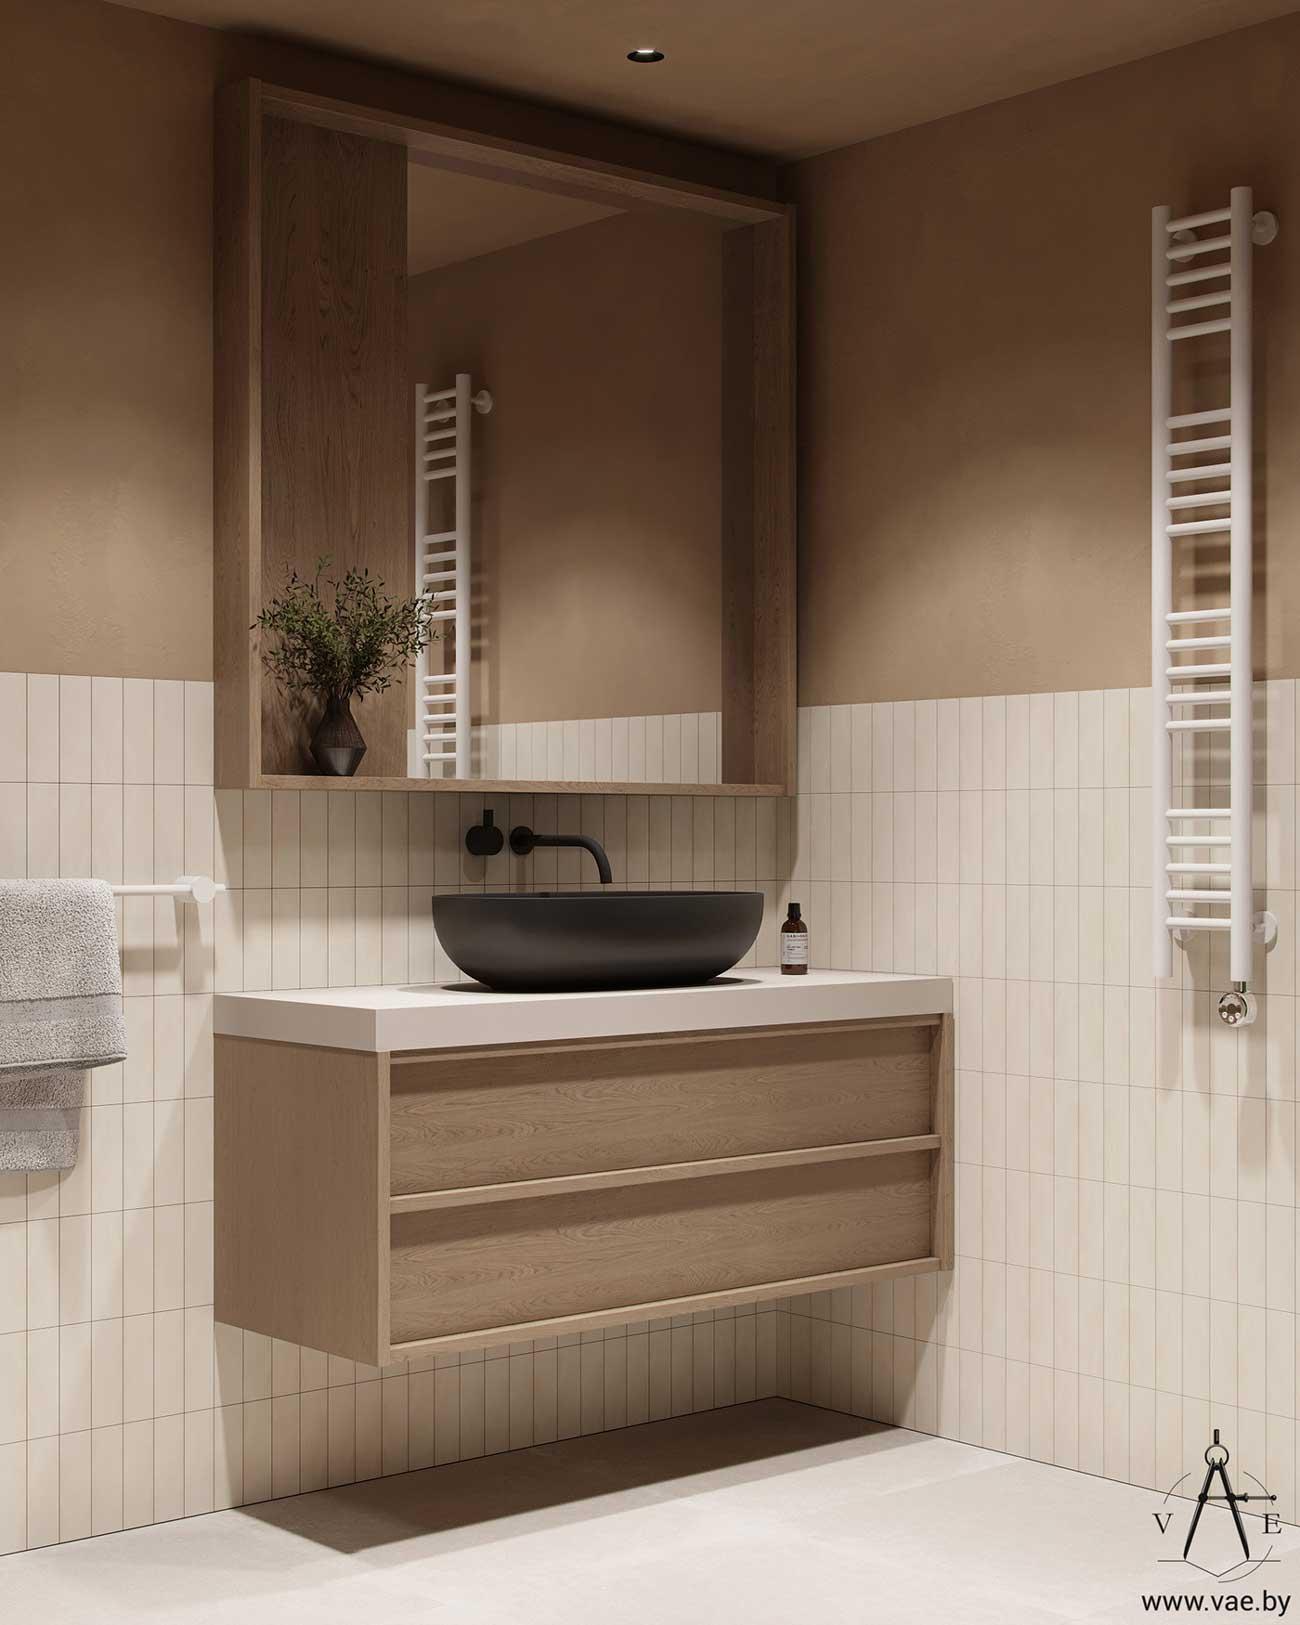 Une salle de bain minimaliste avec un petit chauffage en échelle